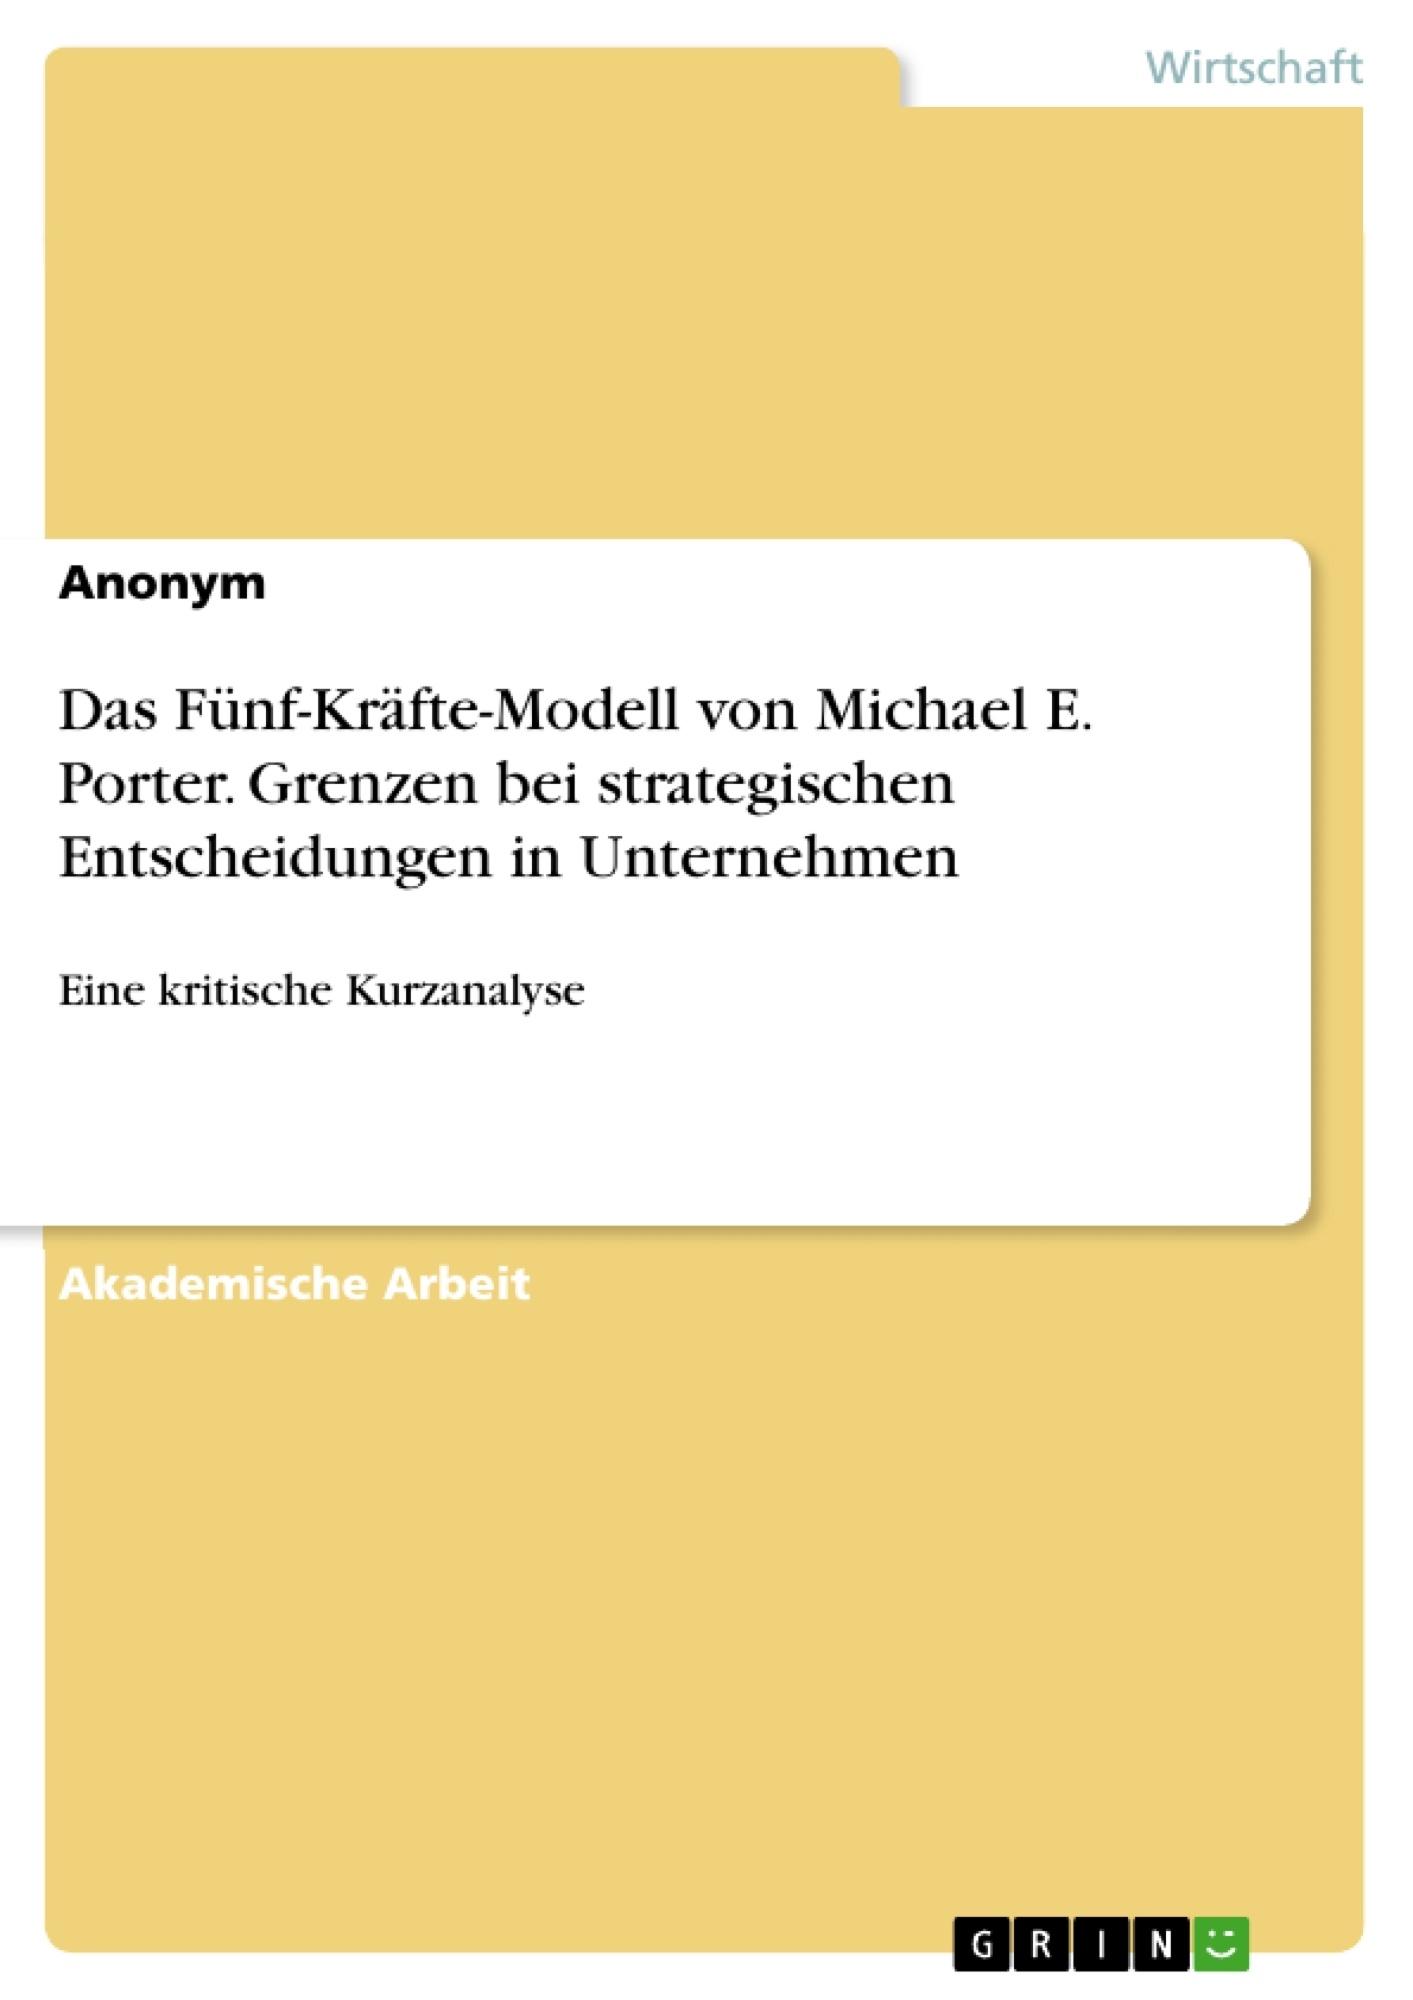 Titel: Das Fünf-Kräfte-Modell von Michael E. Porter. Grenzen bei strategischen Entscheidungen in Unternehmen